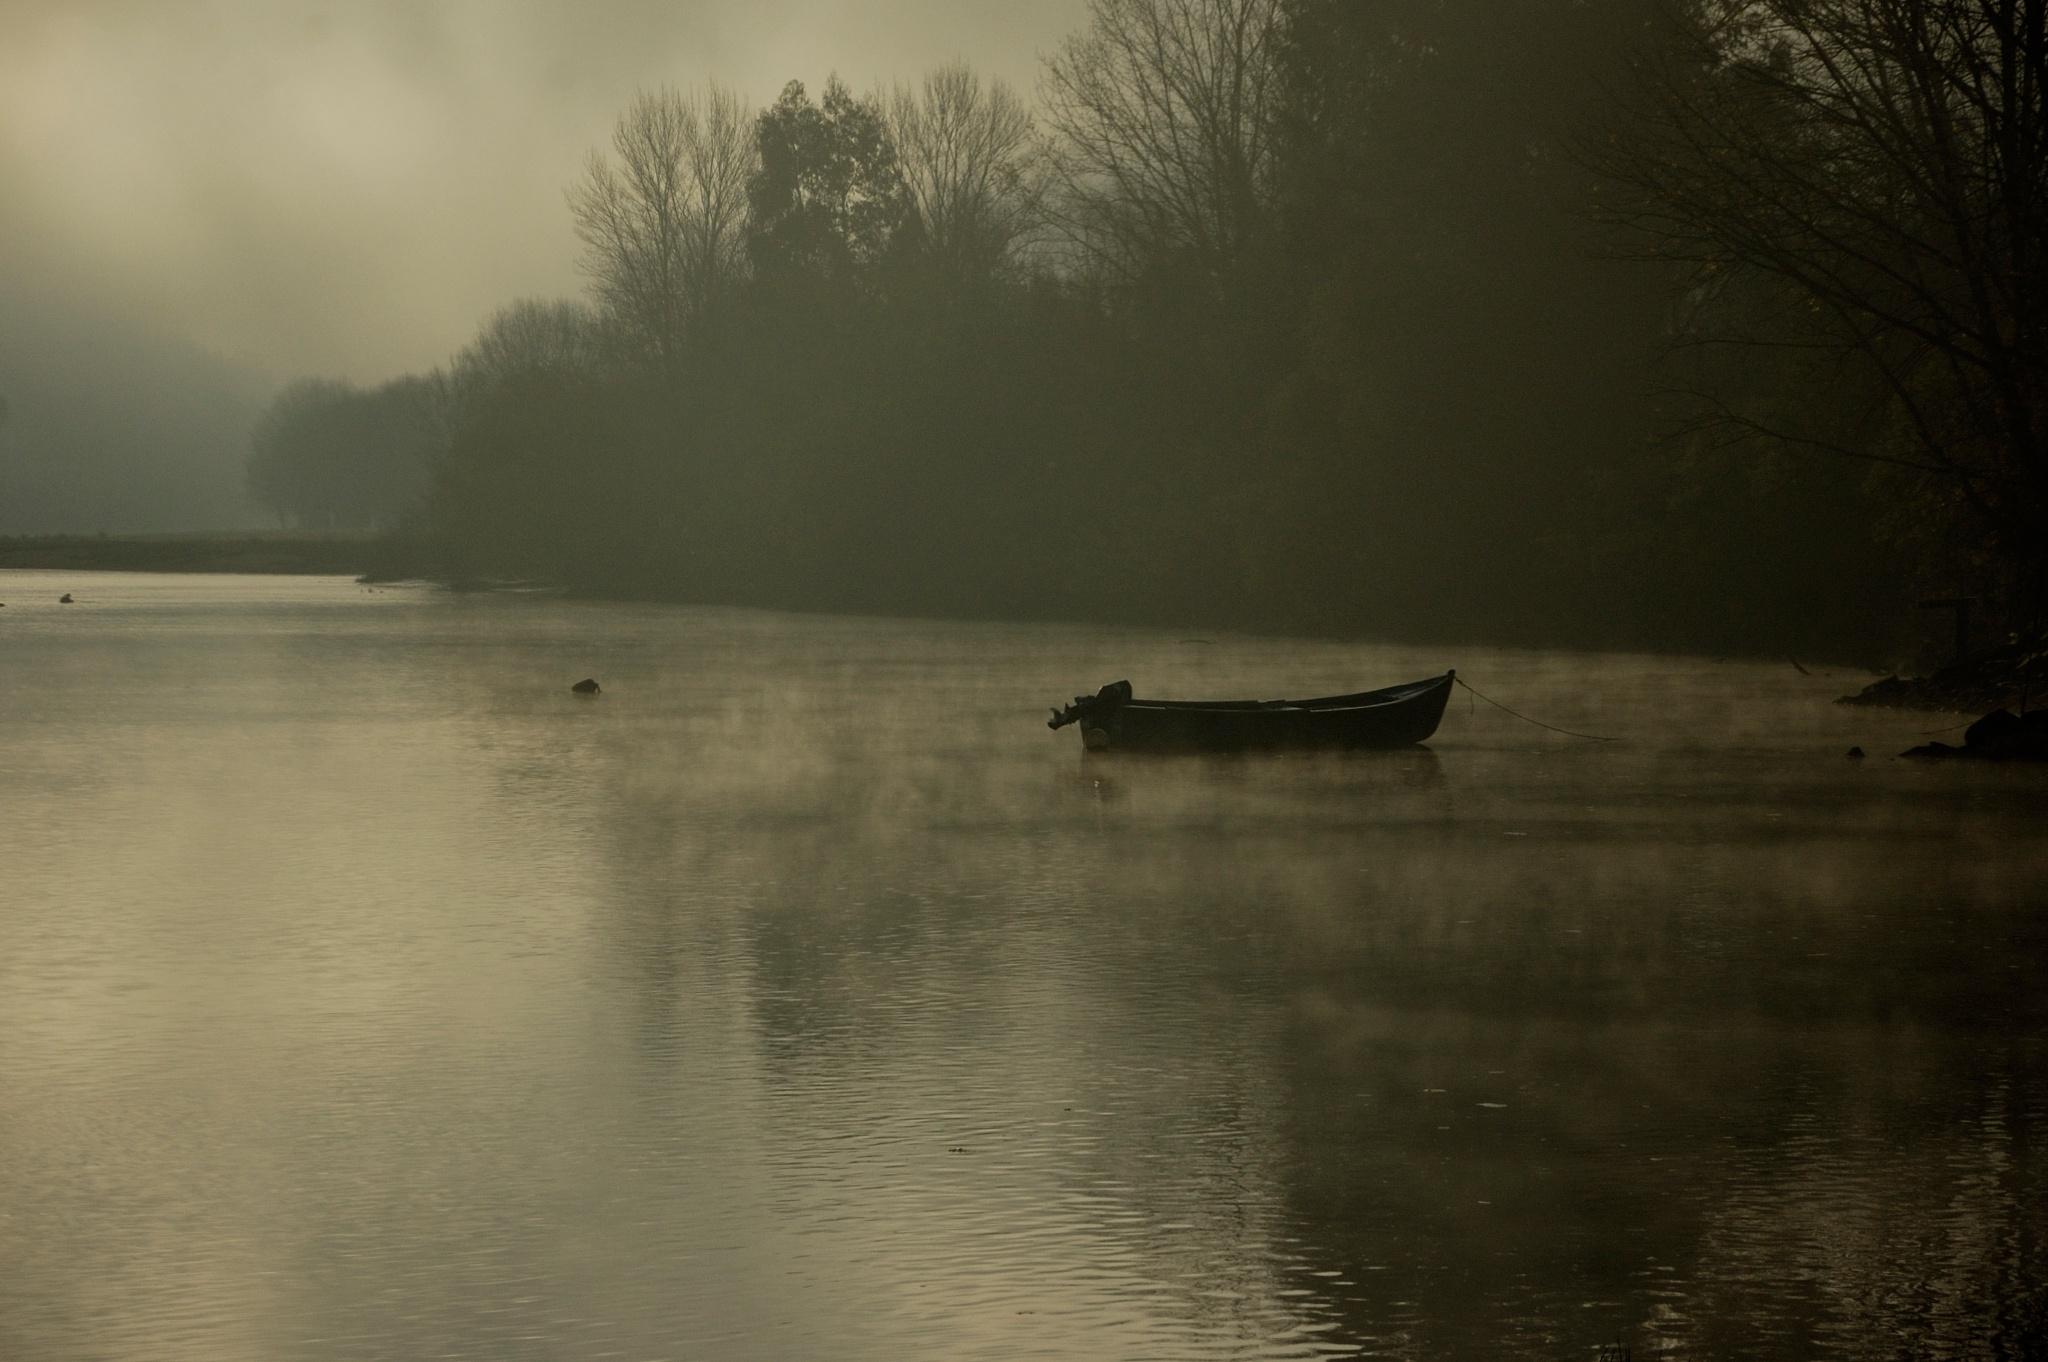 Misty morning by João Almeida